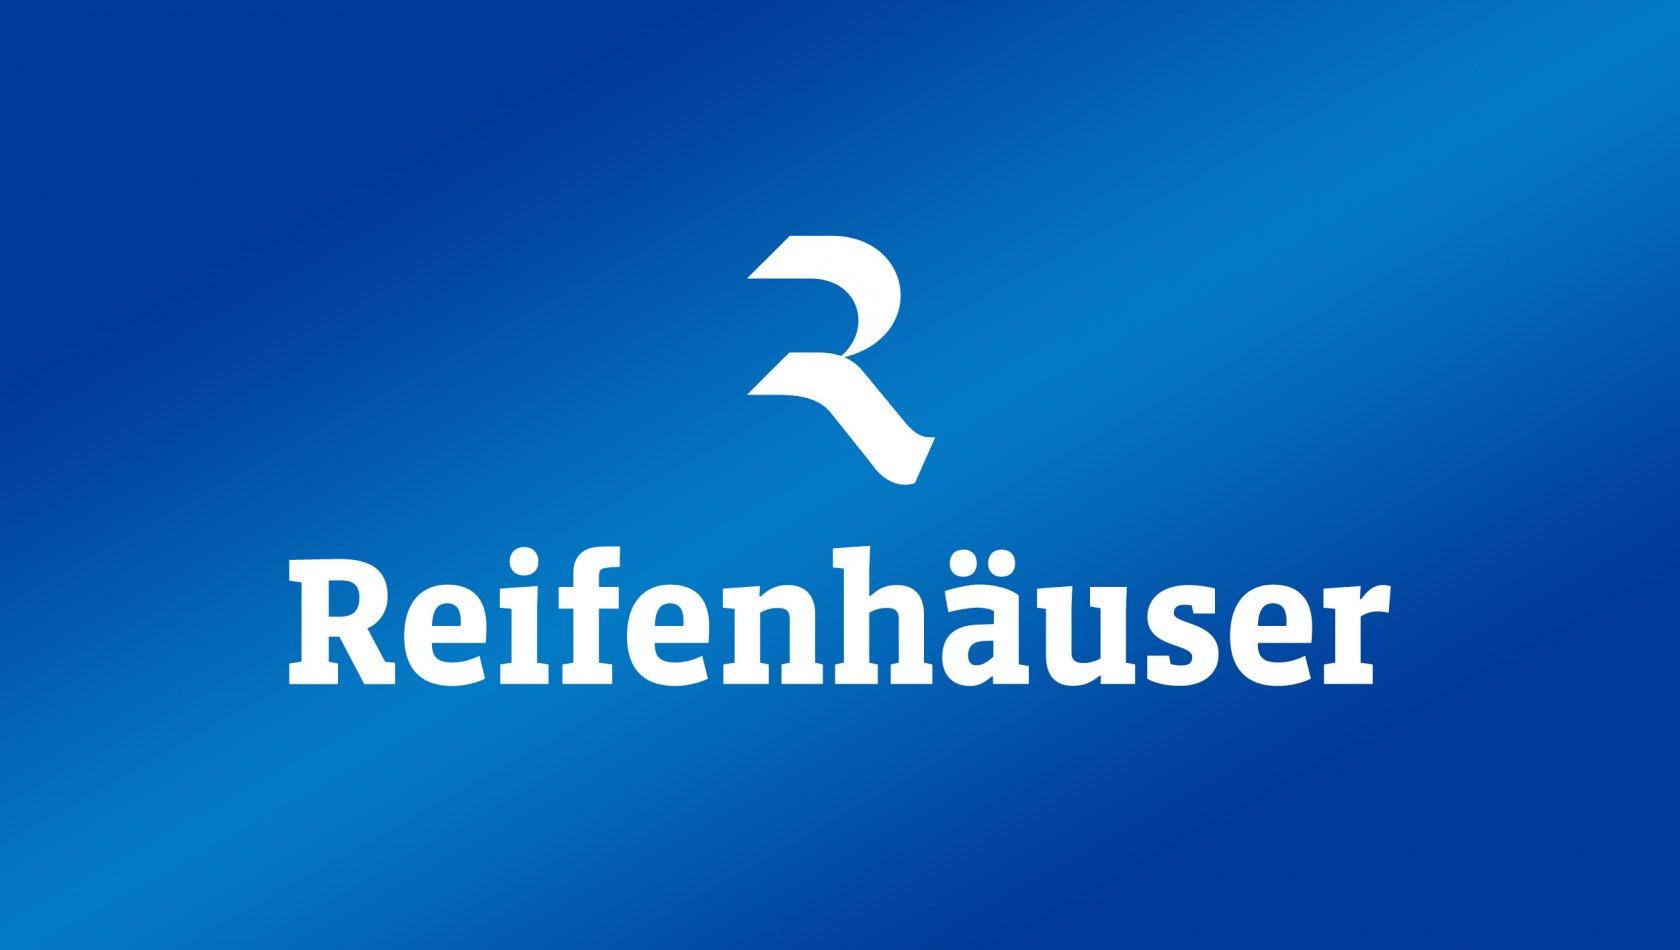 reifenhauser logo 2500x1413px